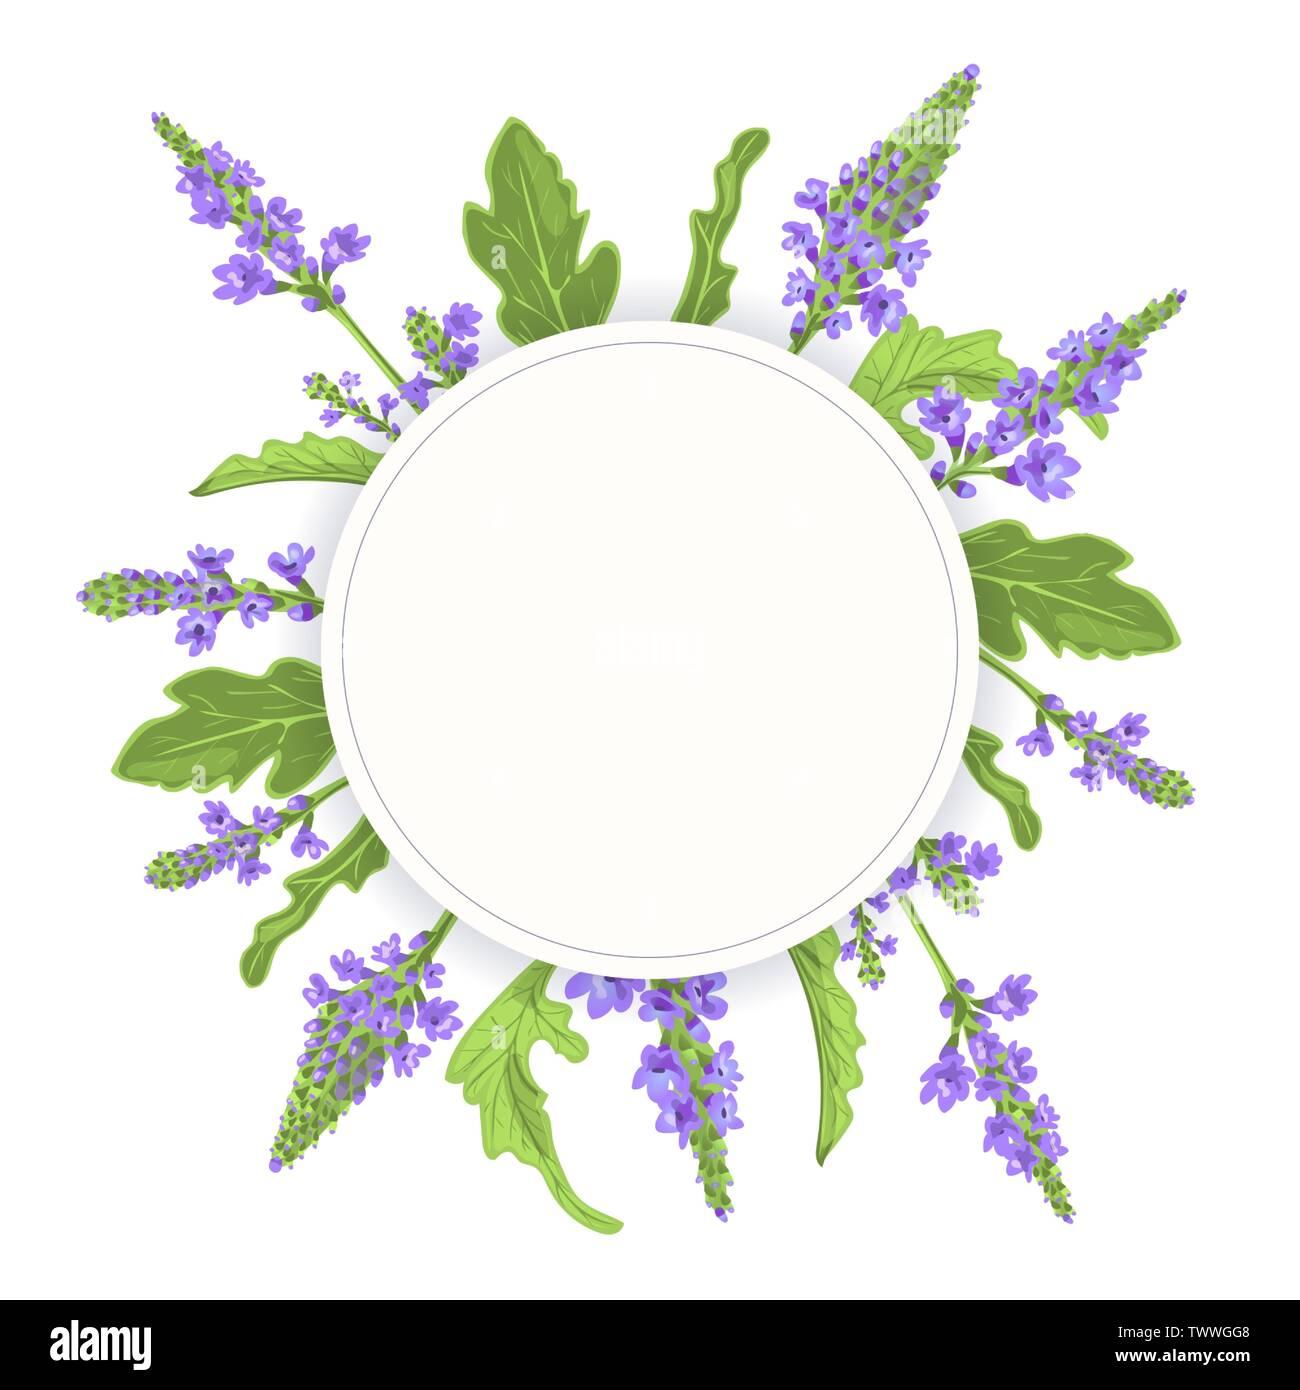 Verveine feuille cercle rond badge. branche, les fleurs et les feuilles. Verveine Herb modèle. pour la médecine alternative, les produits cosmétiques, produits de soins de santé, aromathe Photo Stock